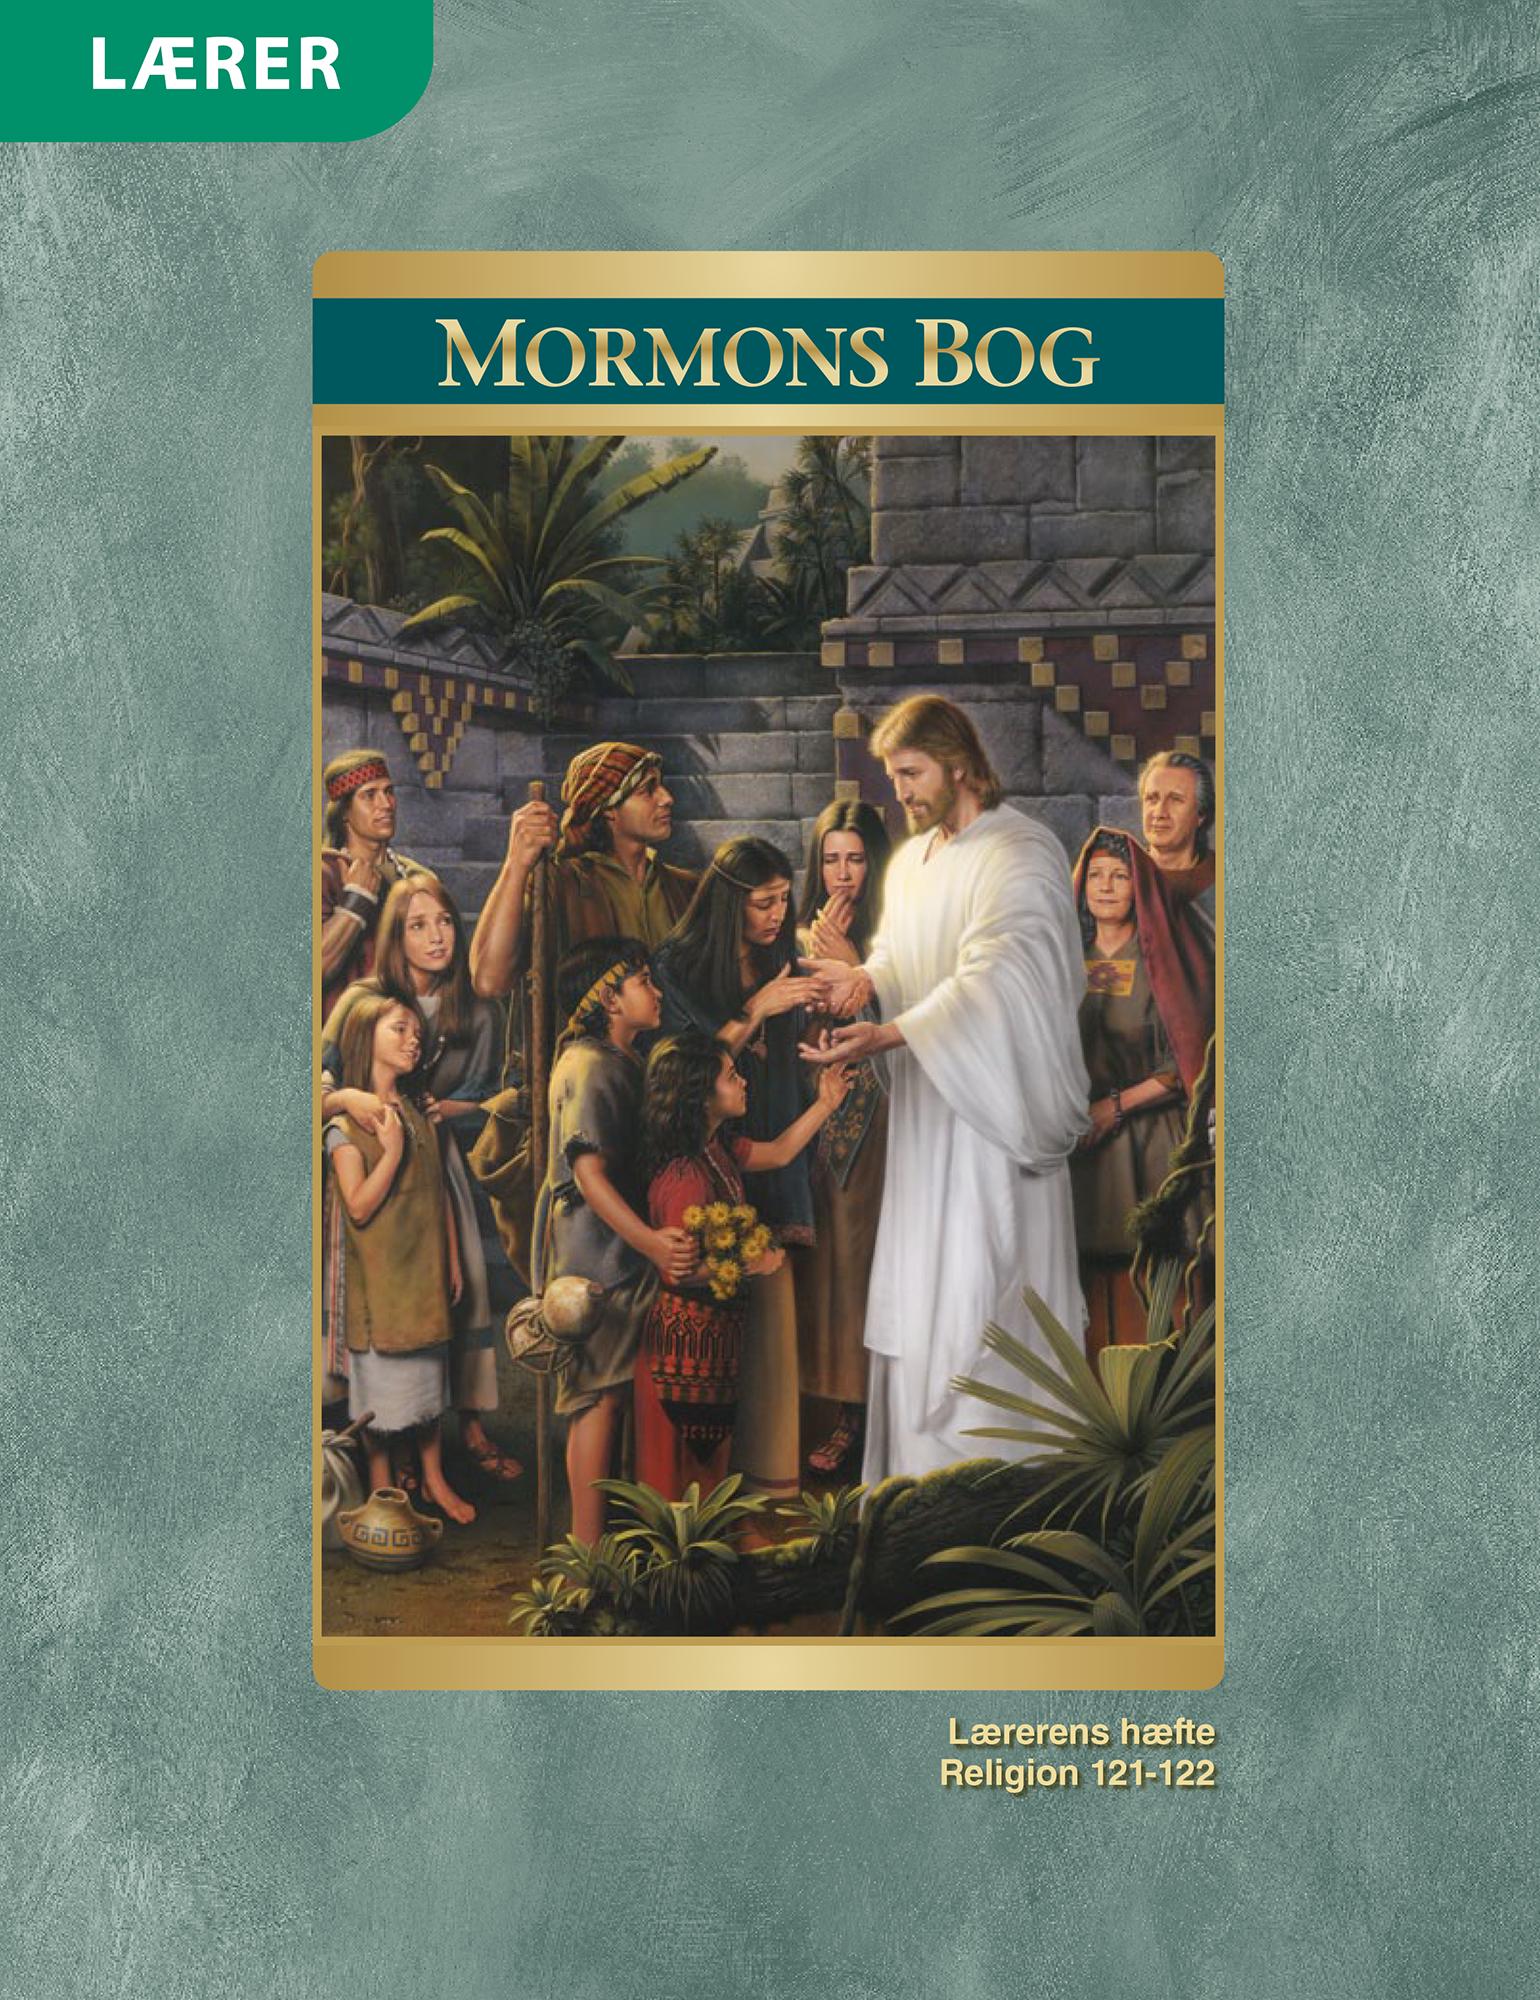 Mormons Bog – Lærerens hæfte (Rel 121-122)